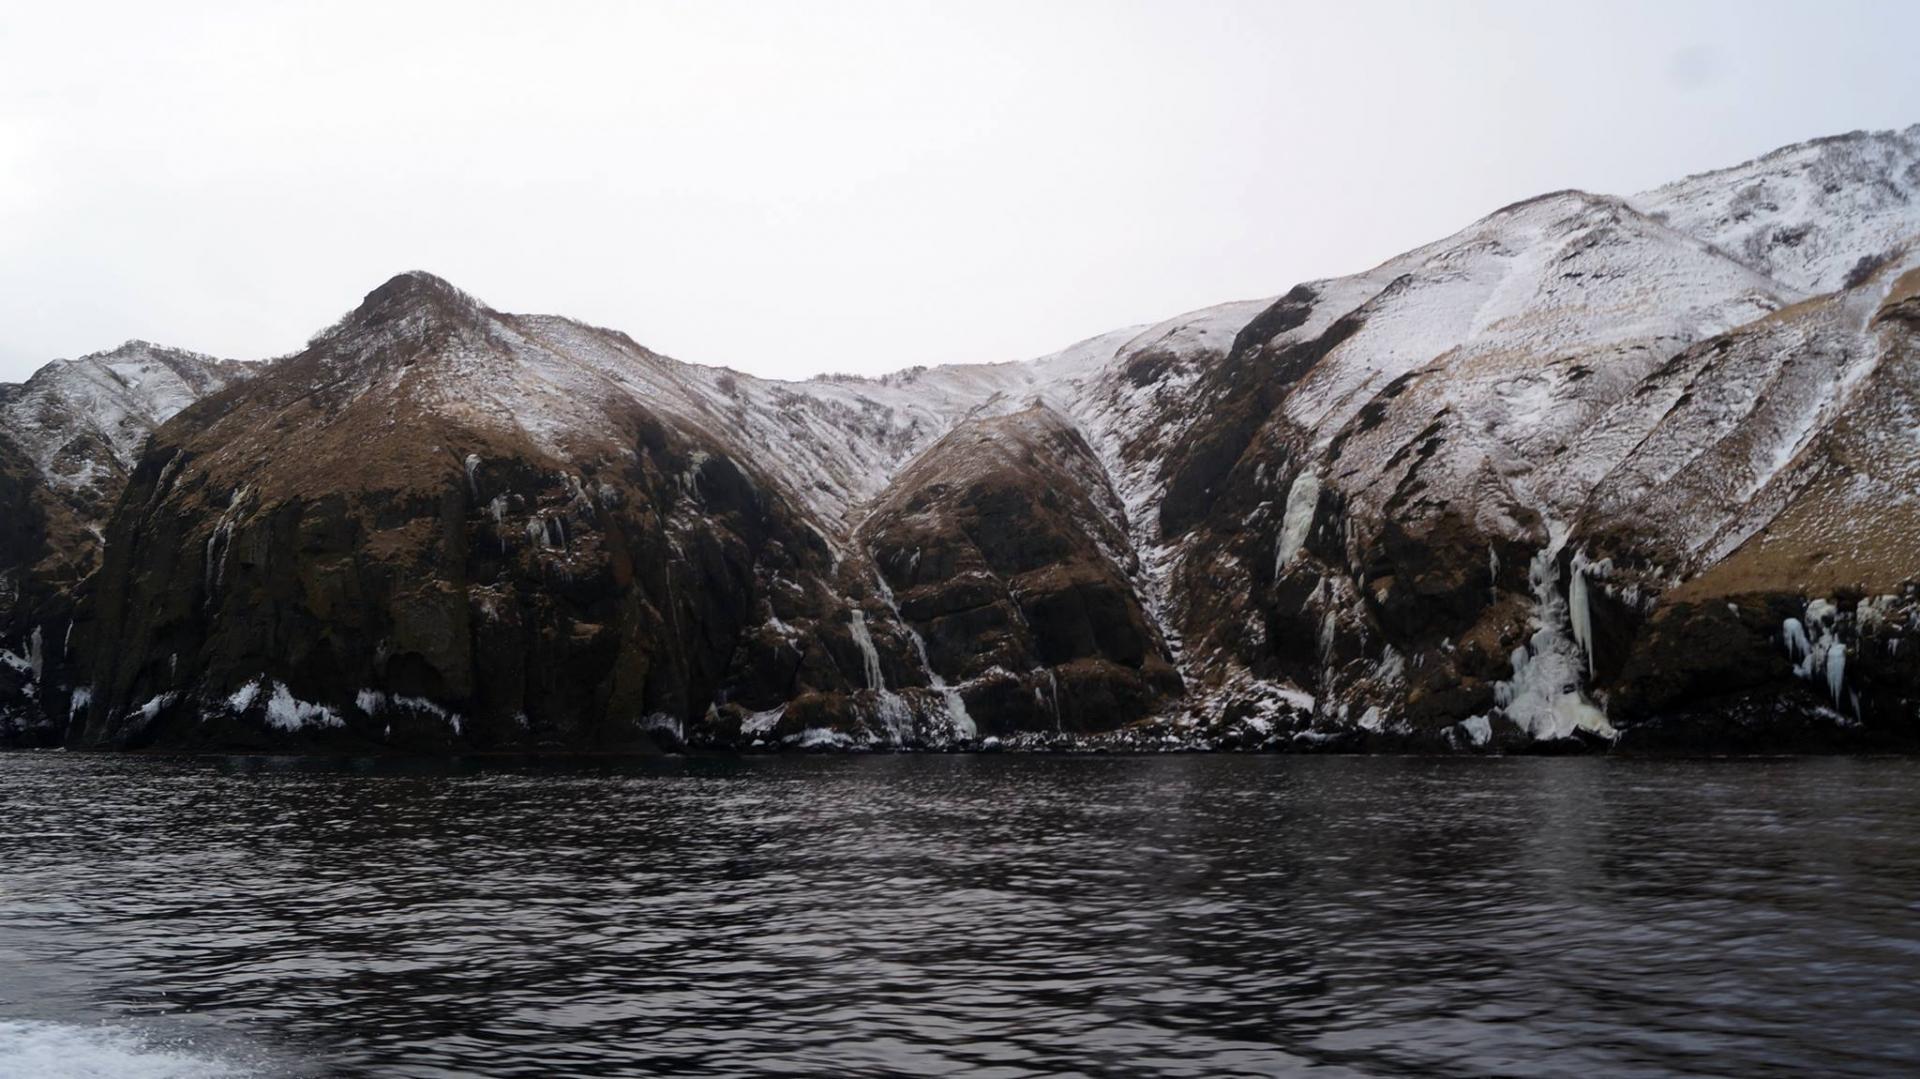 Курильские острова, Российская Федерация